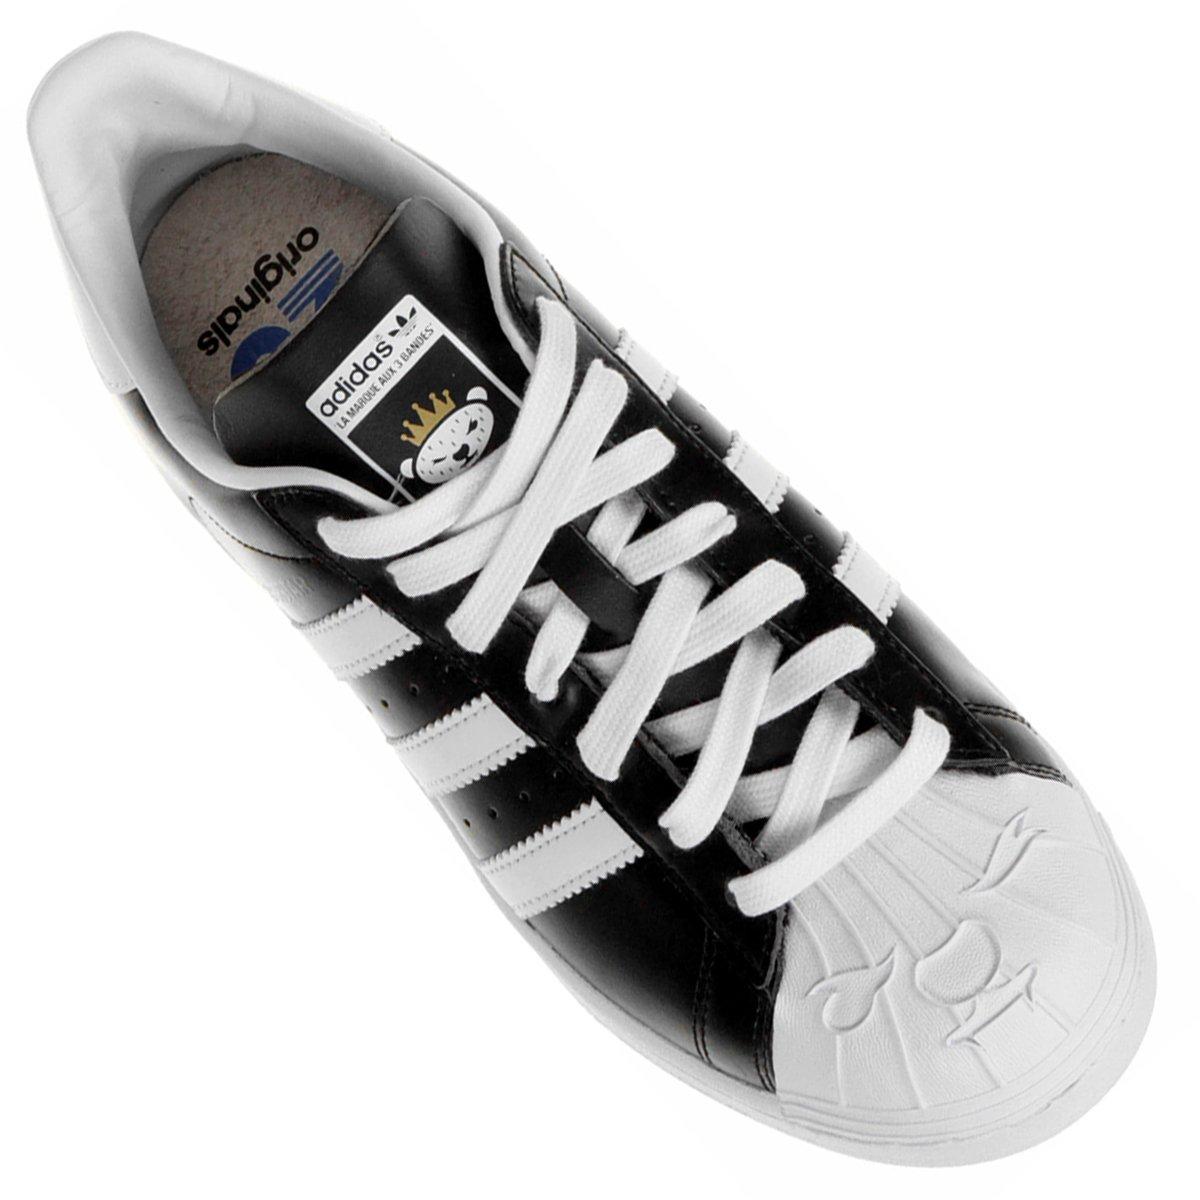 0a7afeb175 ... Tênis Adidas Superstar Nigo. Tênis Adidas Superstar Nigo - Preto+Branco